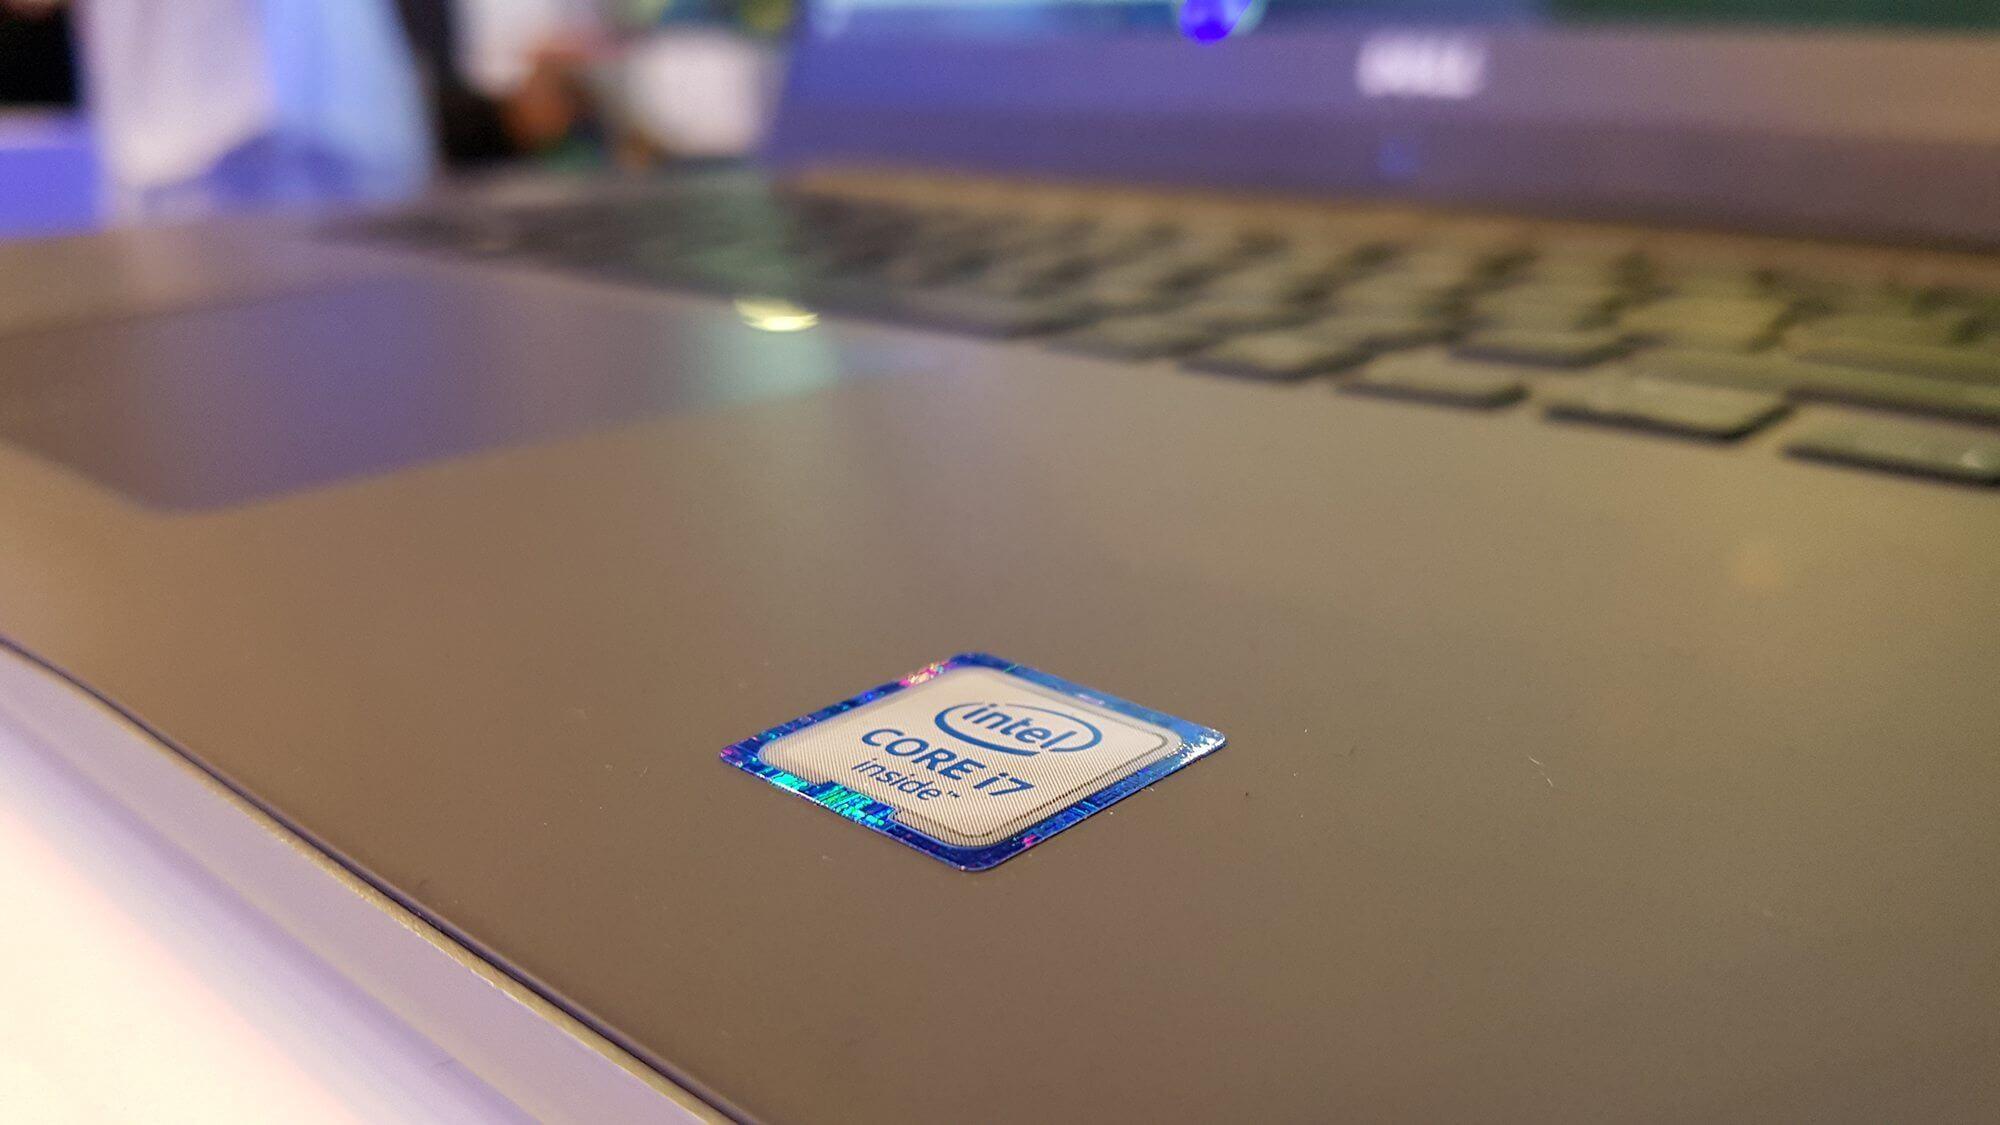 Dell lança no Brasil notebooks finos e poderosos com 14 e 15 polegadas 17